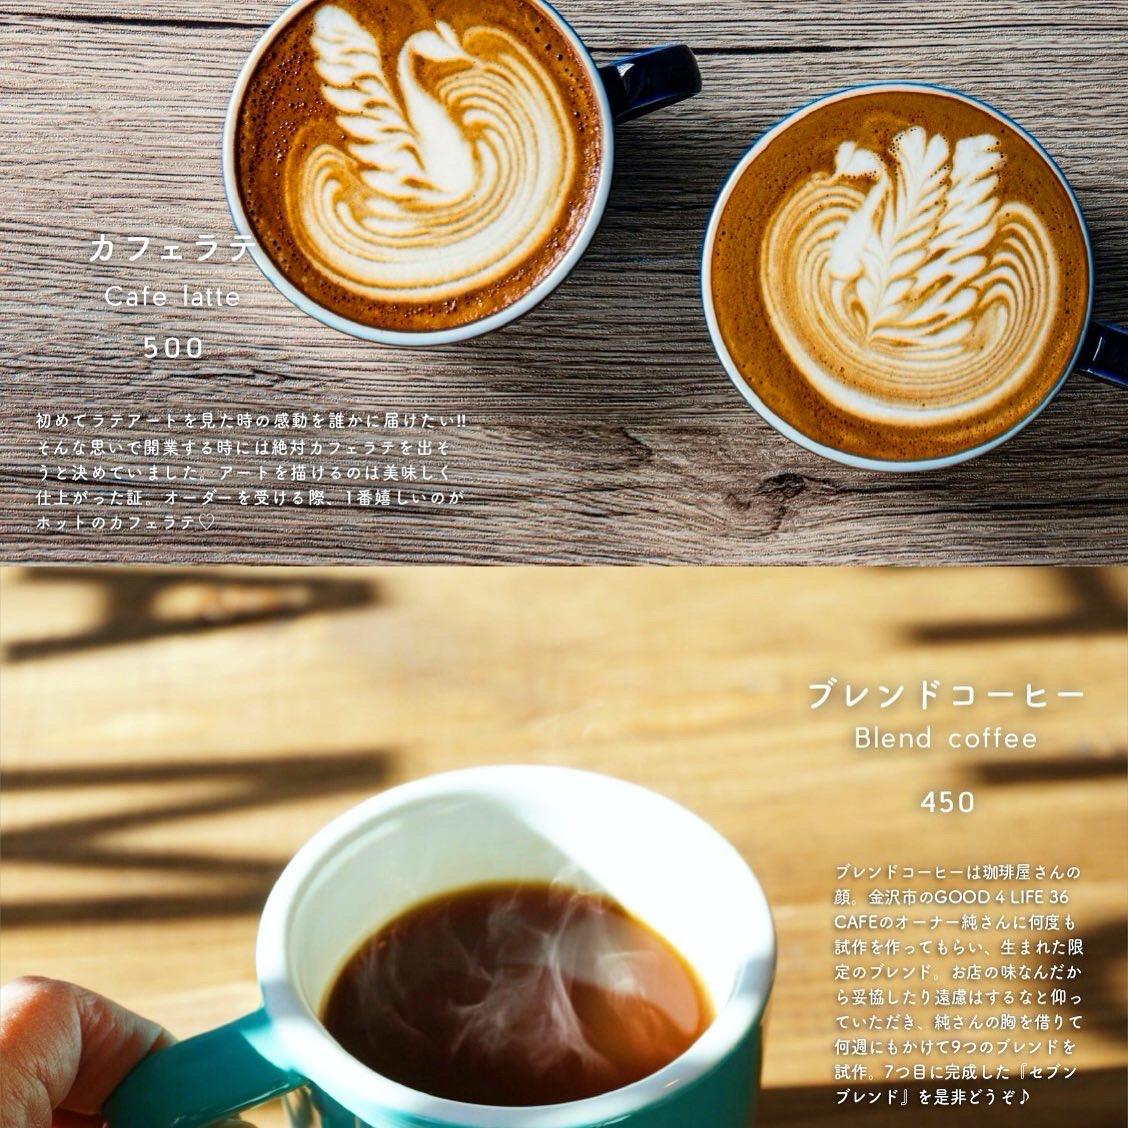 金沢で話題のコーヒーサブスク開始!!!!